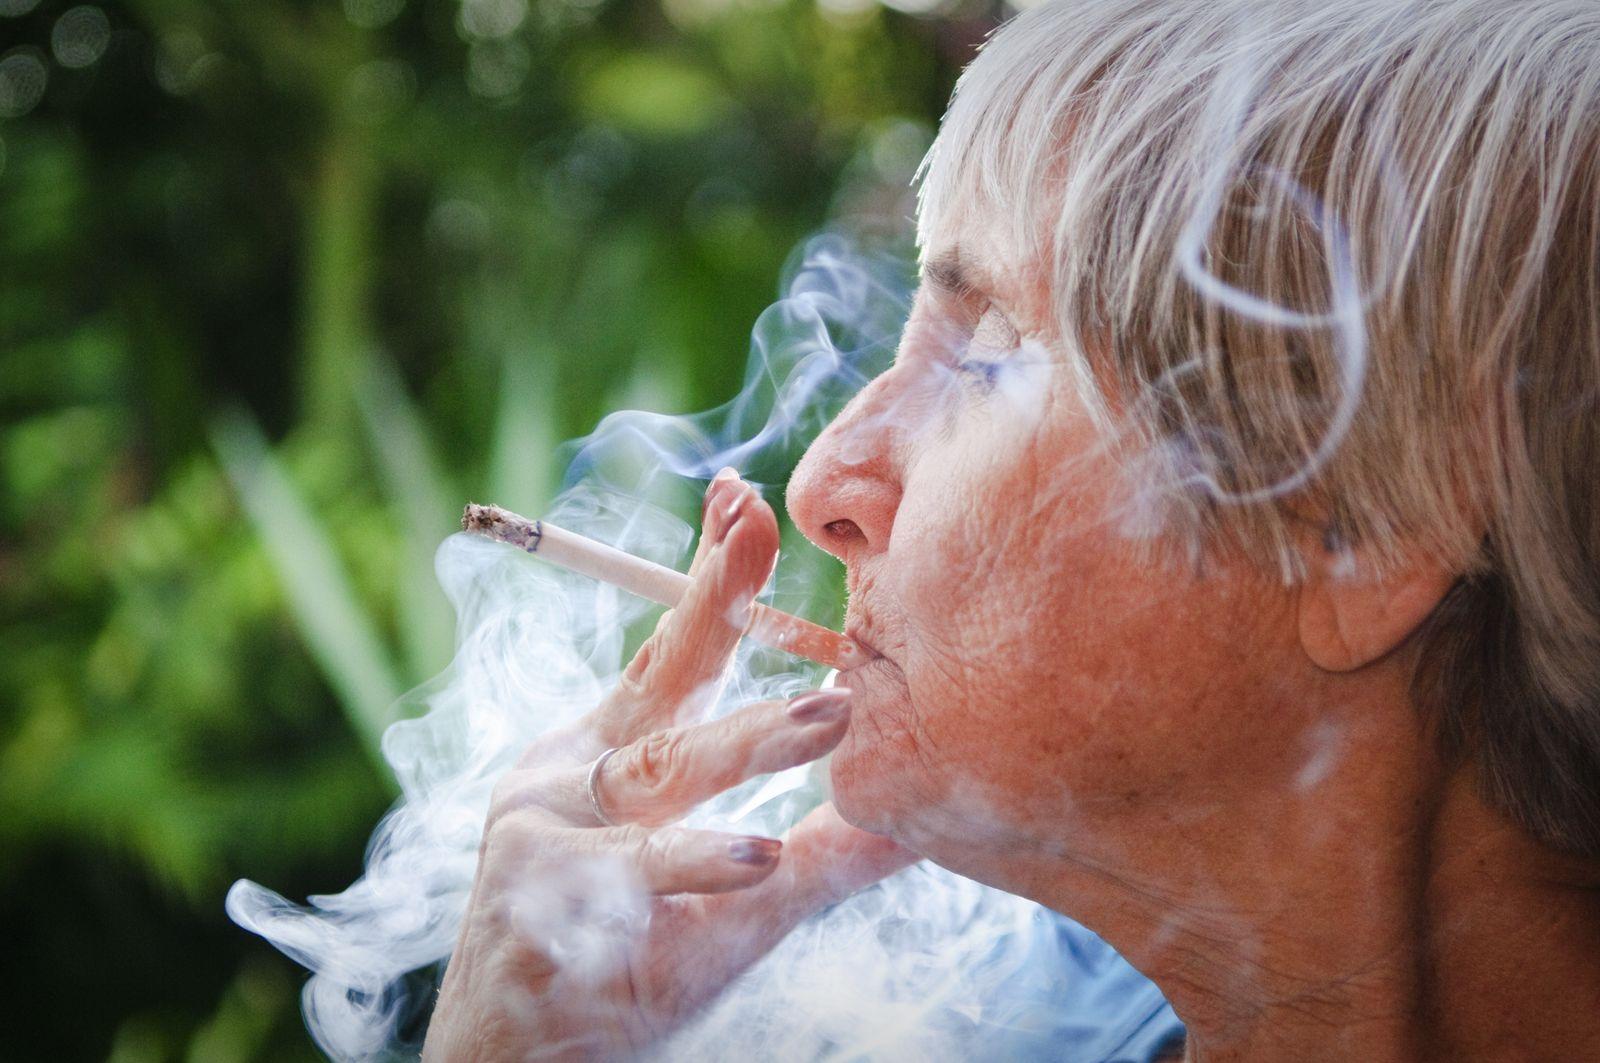 NICHT MEHR VERWENDEN! - Sterberisiken/ Rauchen